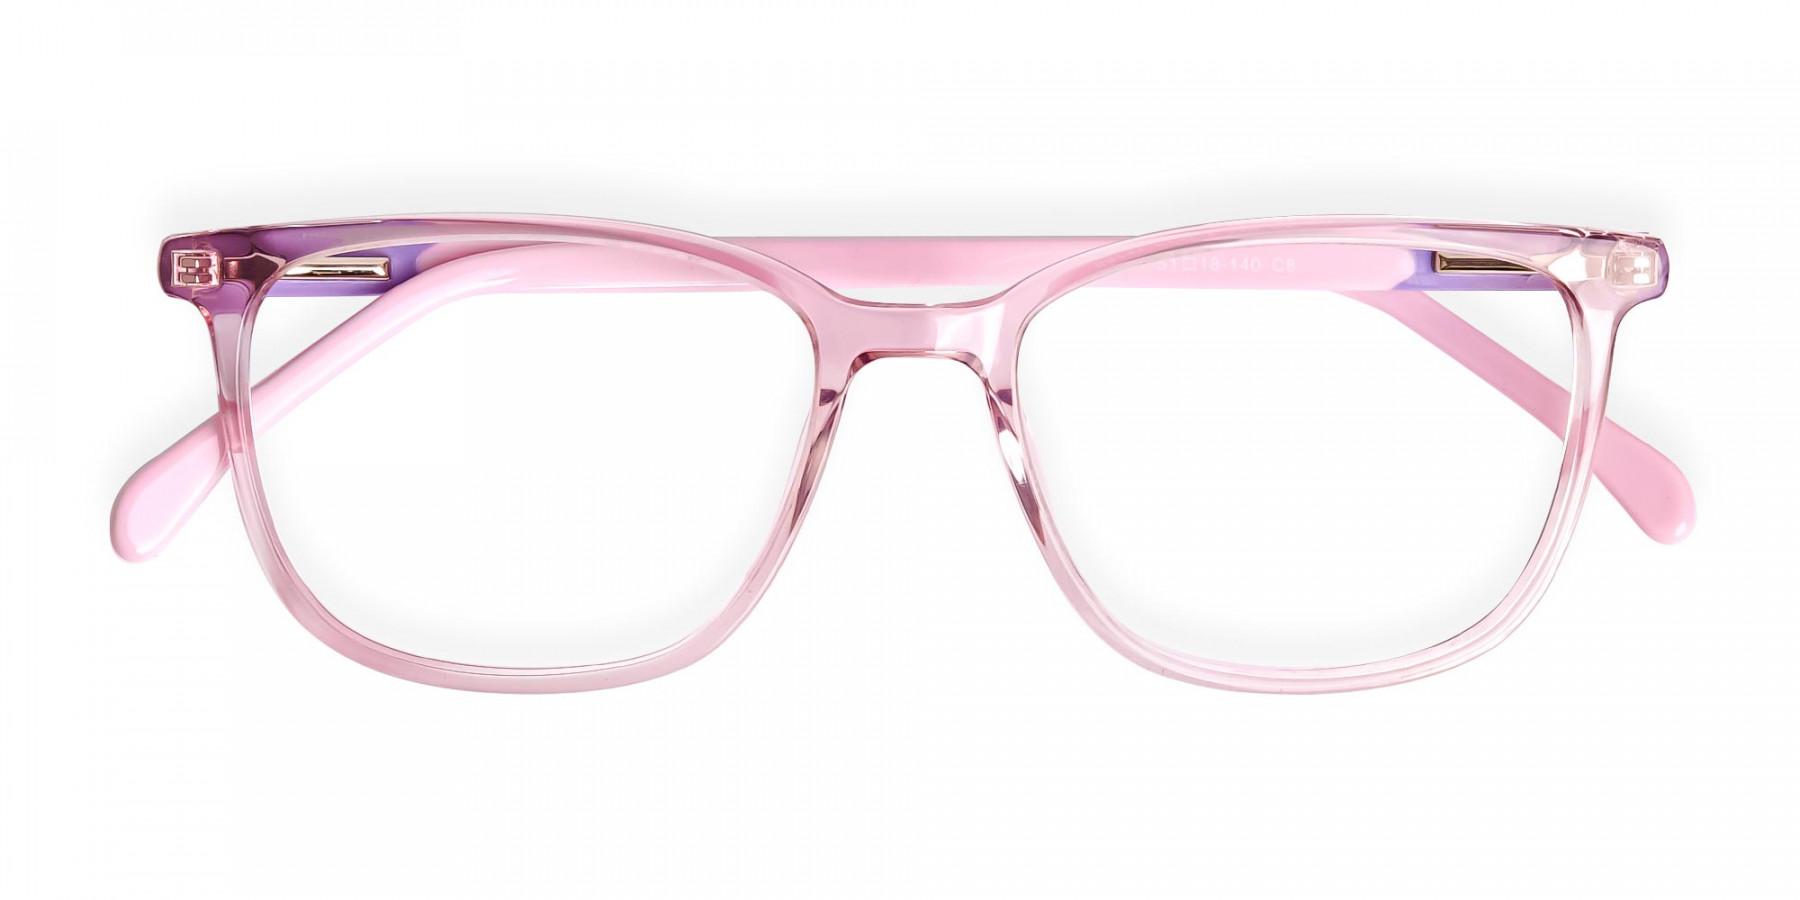 Crystal-Clear-or-Transparent-Blossom-and-Hot-Pink-wayfarer-Rectangular-Glasses-Frames-1